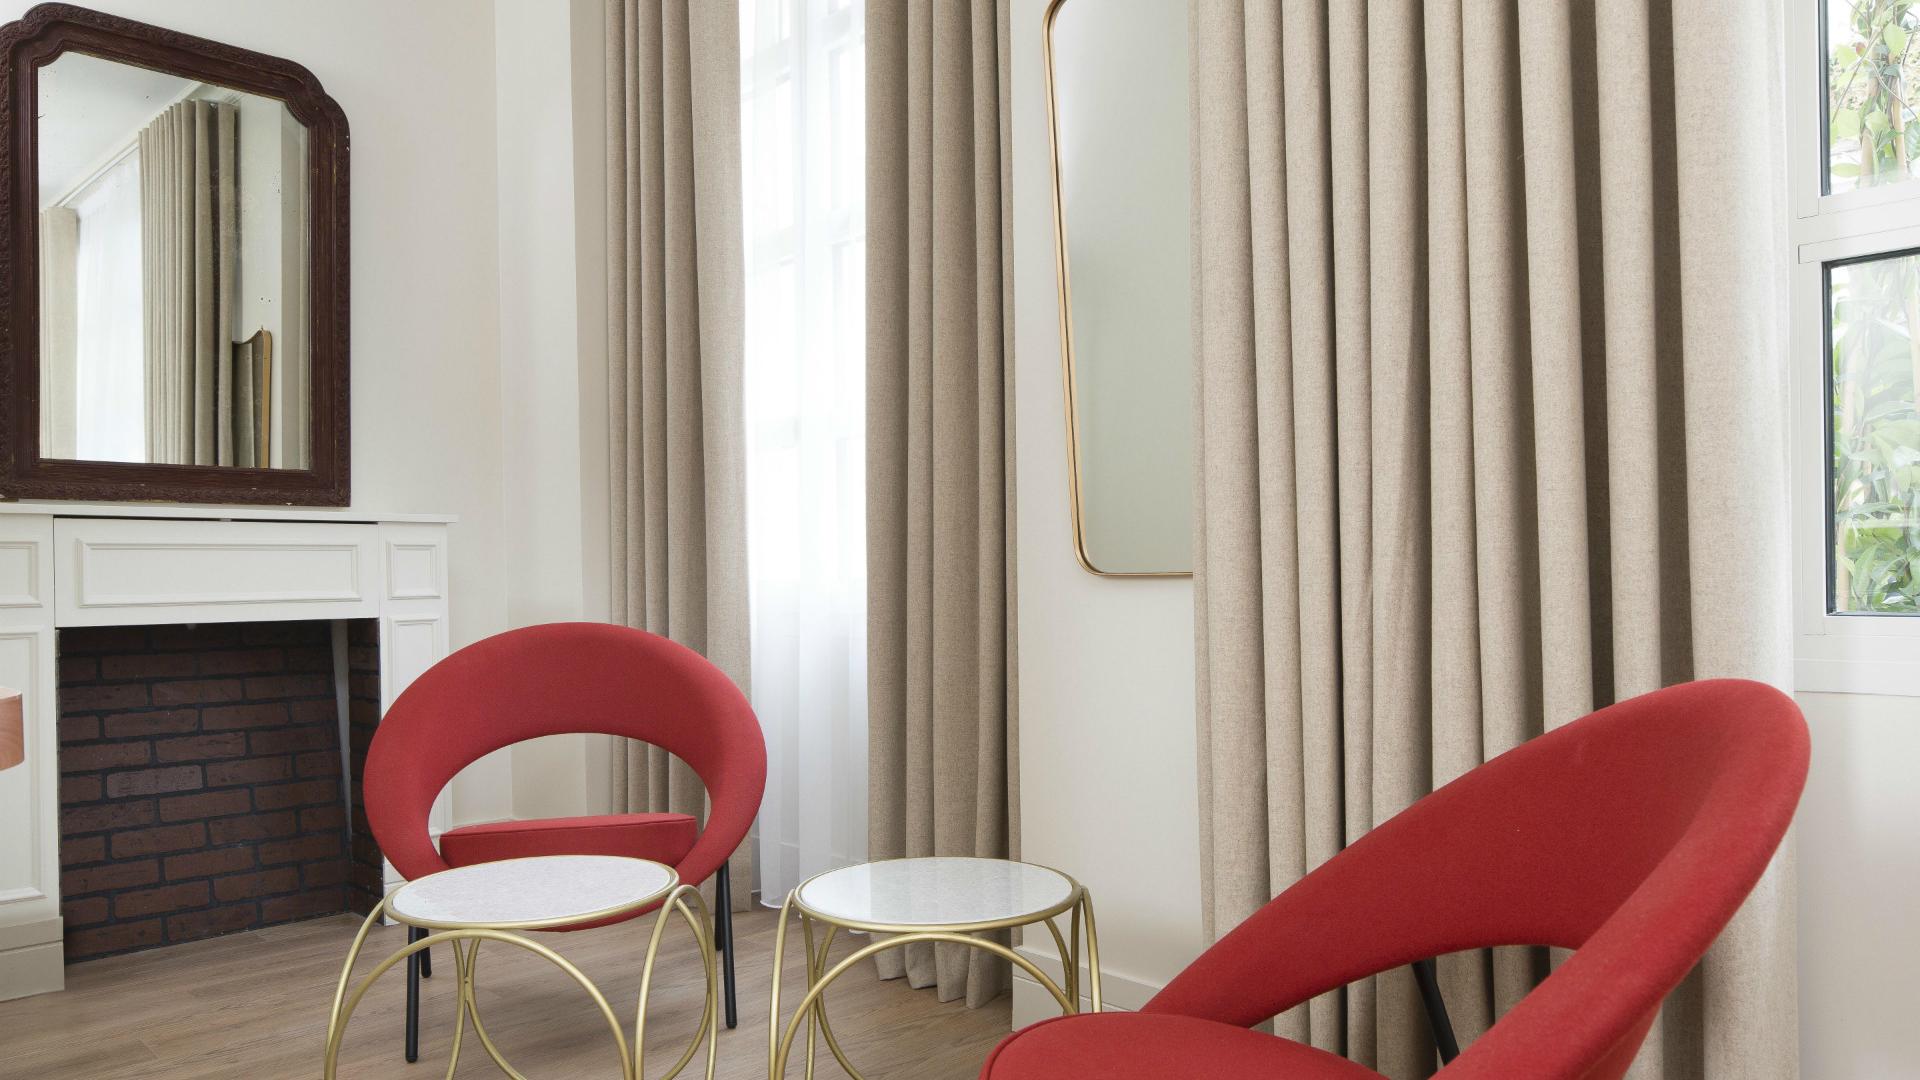 chambre familiale celeste h tel paris. Black Bedroom Furniture Sets. Home Design Ideas